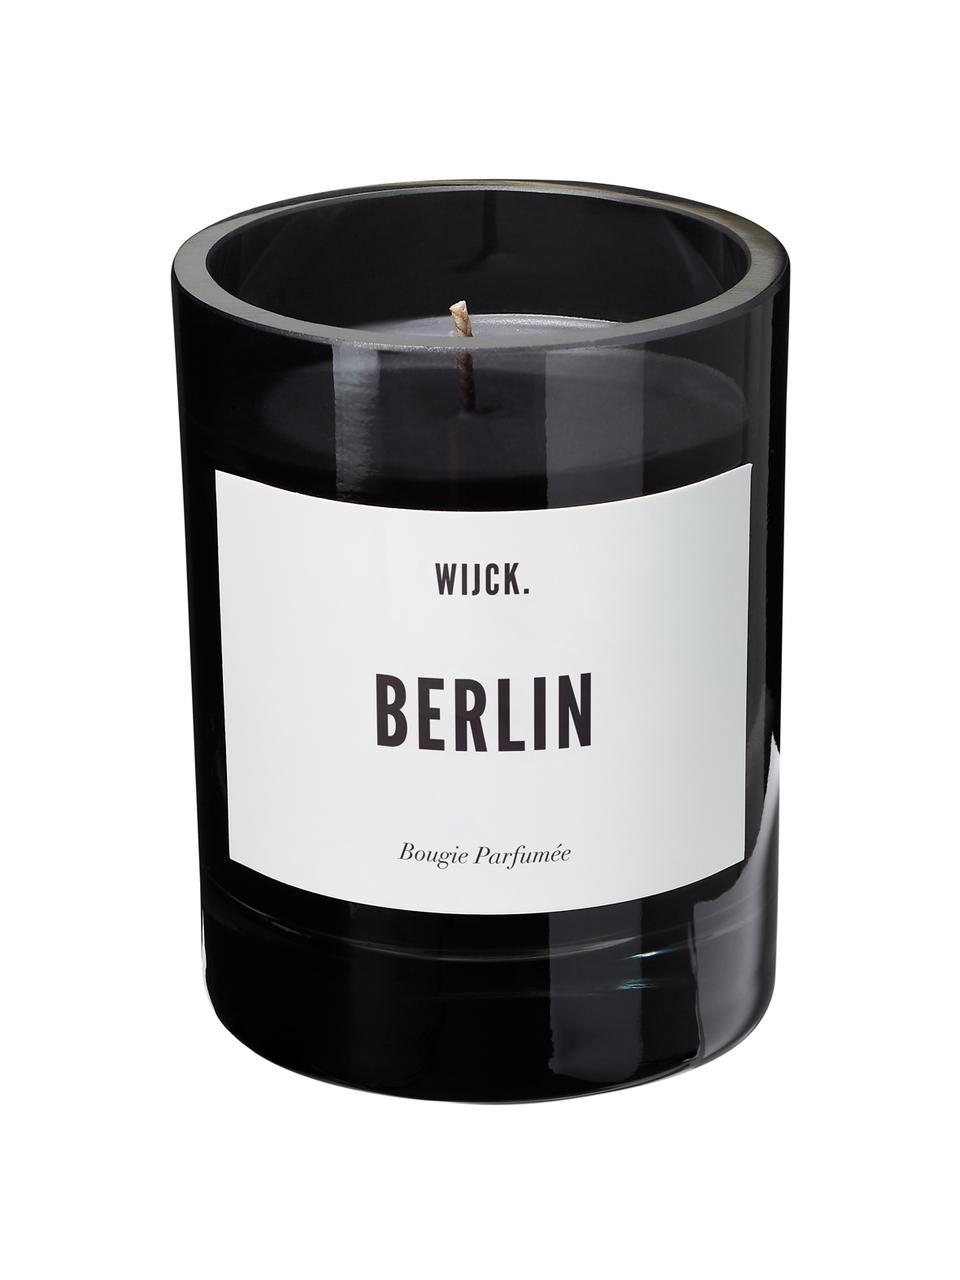 Duftkerze Berlin (Grüne Zitrone, Maiglöckchen & Moschus), Behälter: Glas, mundgeblasen, Schwarz, Ø 8 x H 11 cm